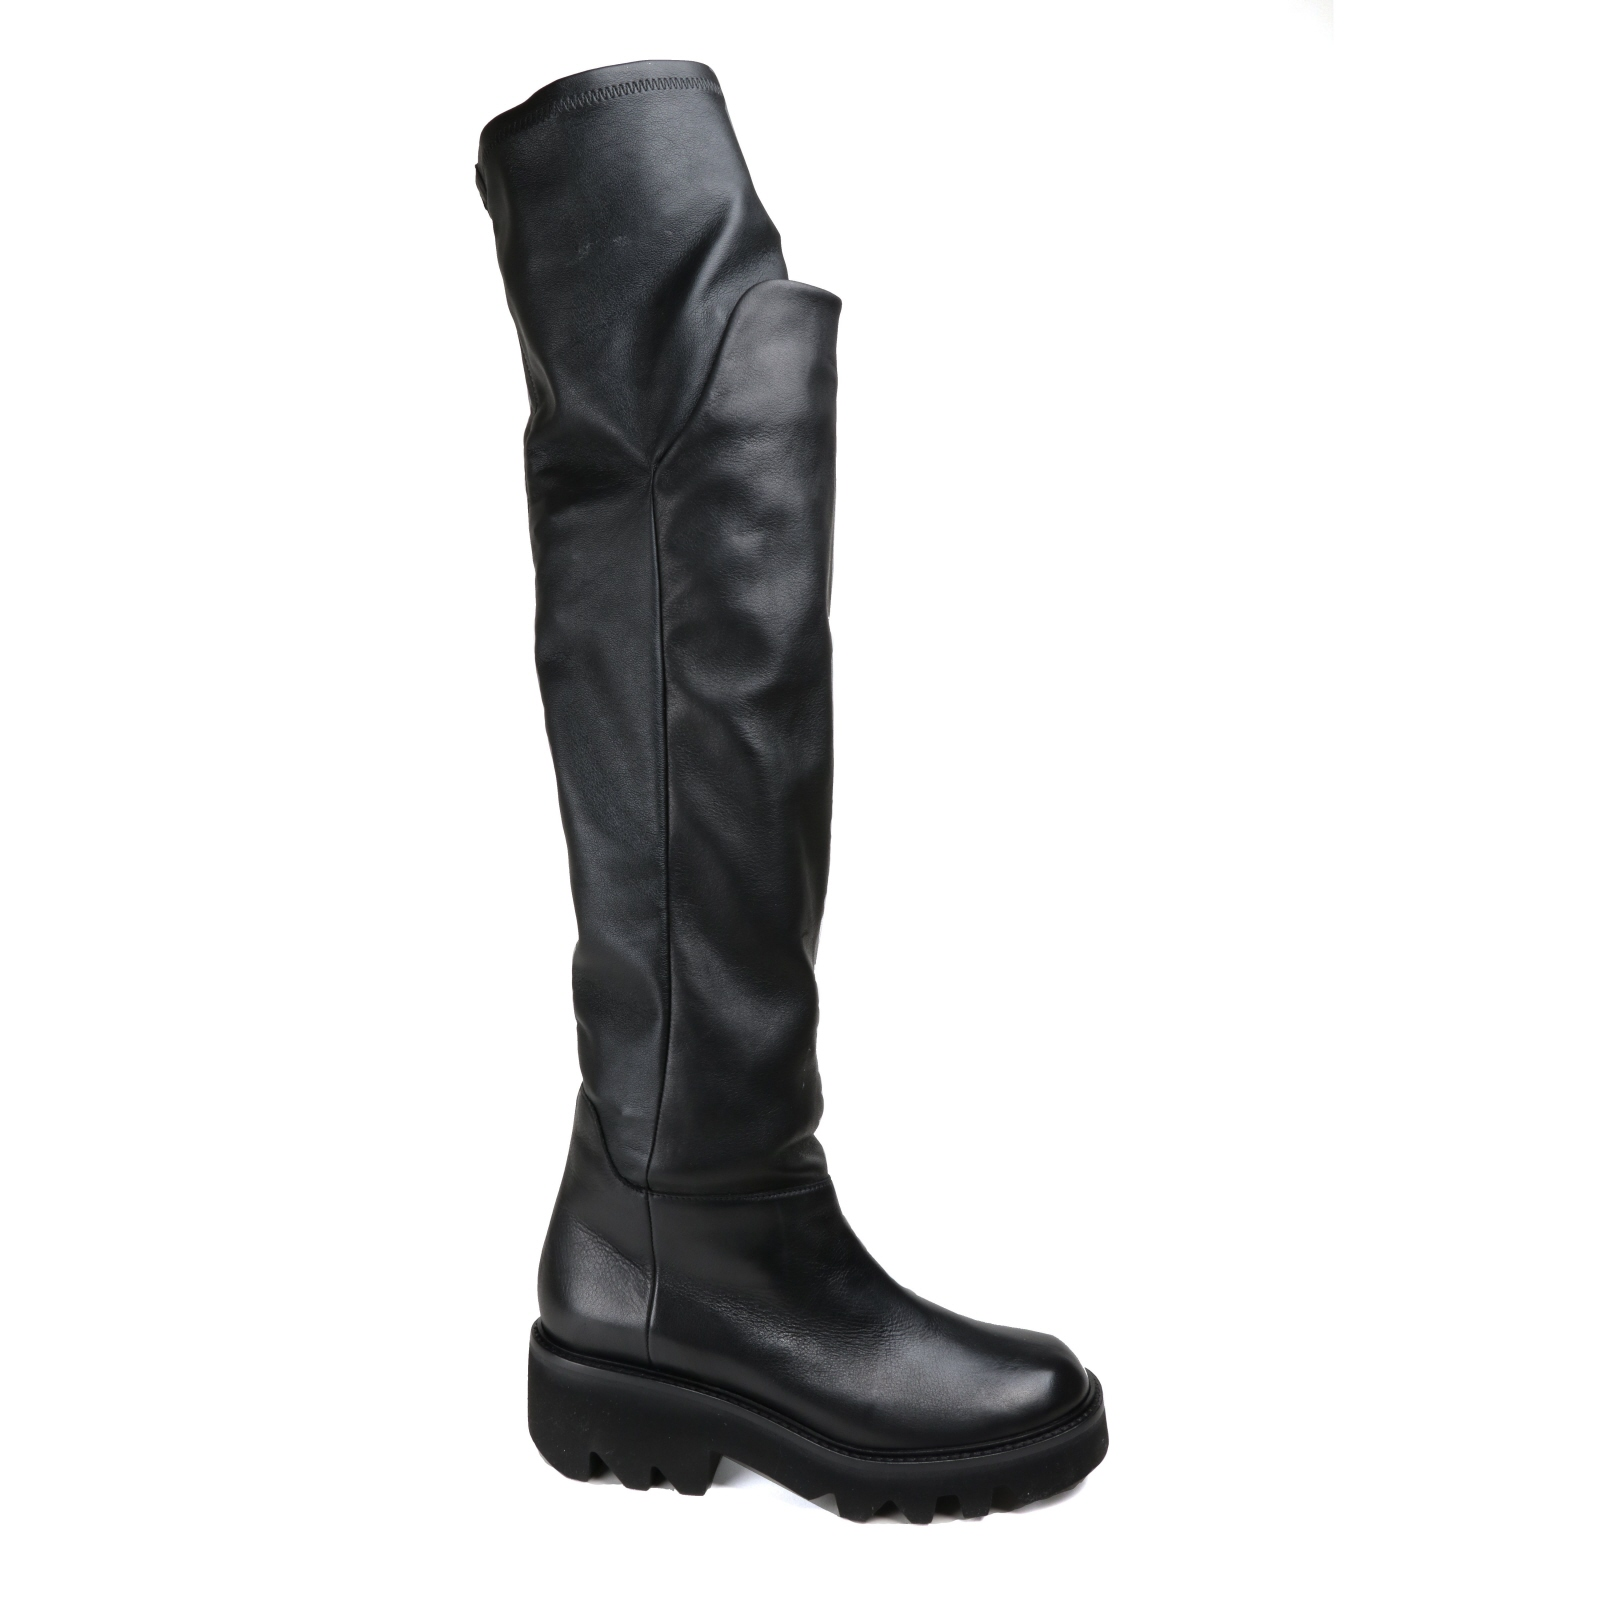 Damen schwarz Stiefel VIC MATIE Lässig schwarz Damen  Glattleder NEU Gr.39 6acfa9